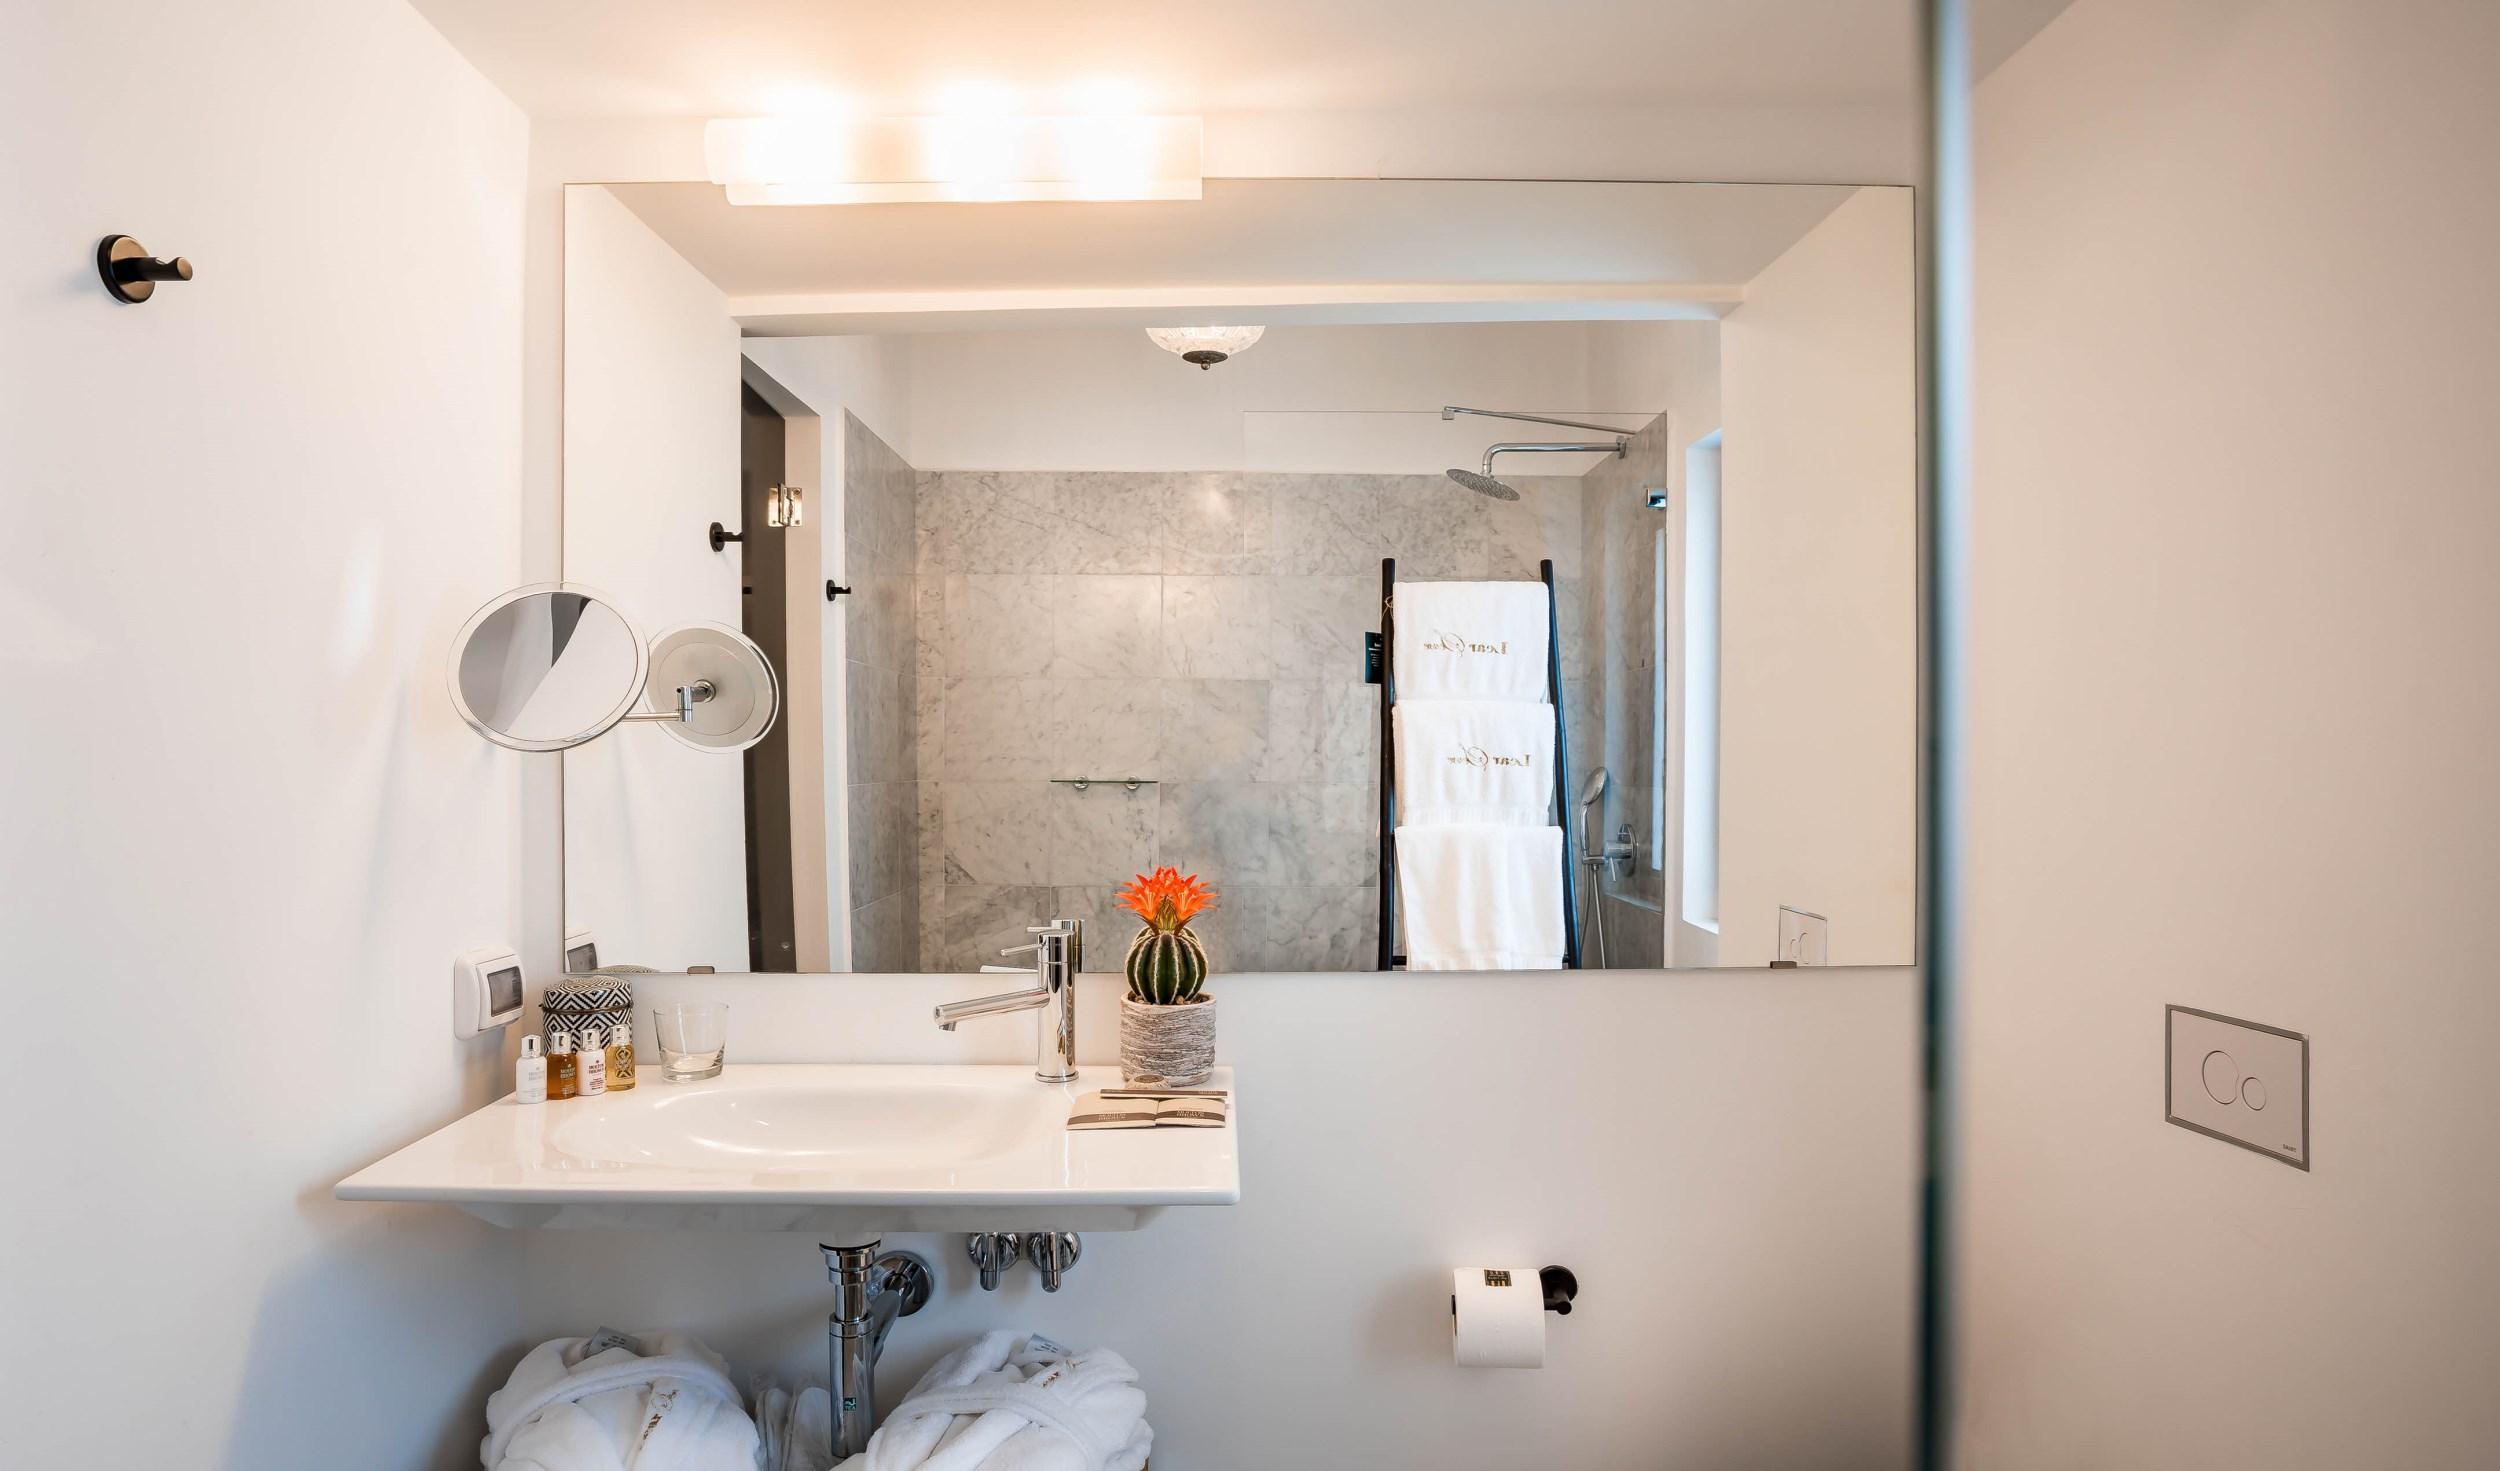 Hotel Lear - Flair Room